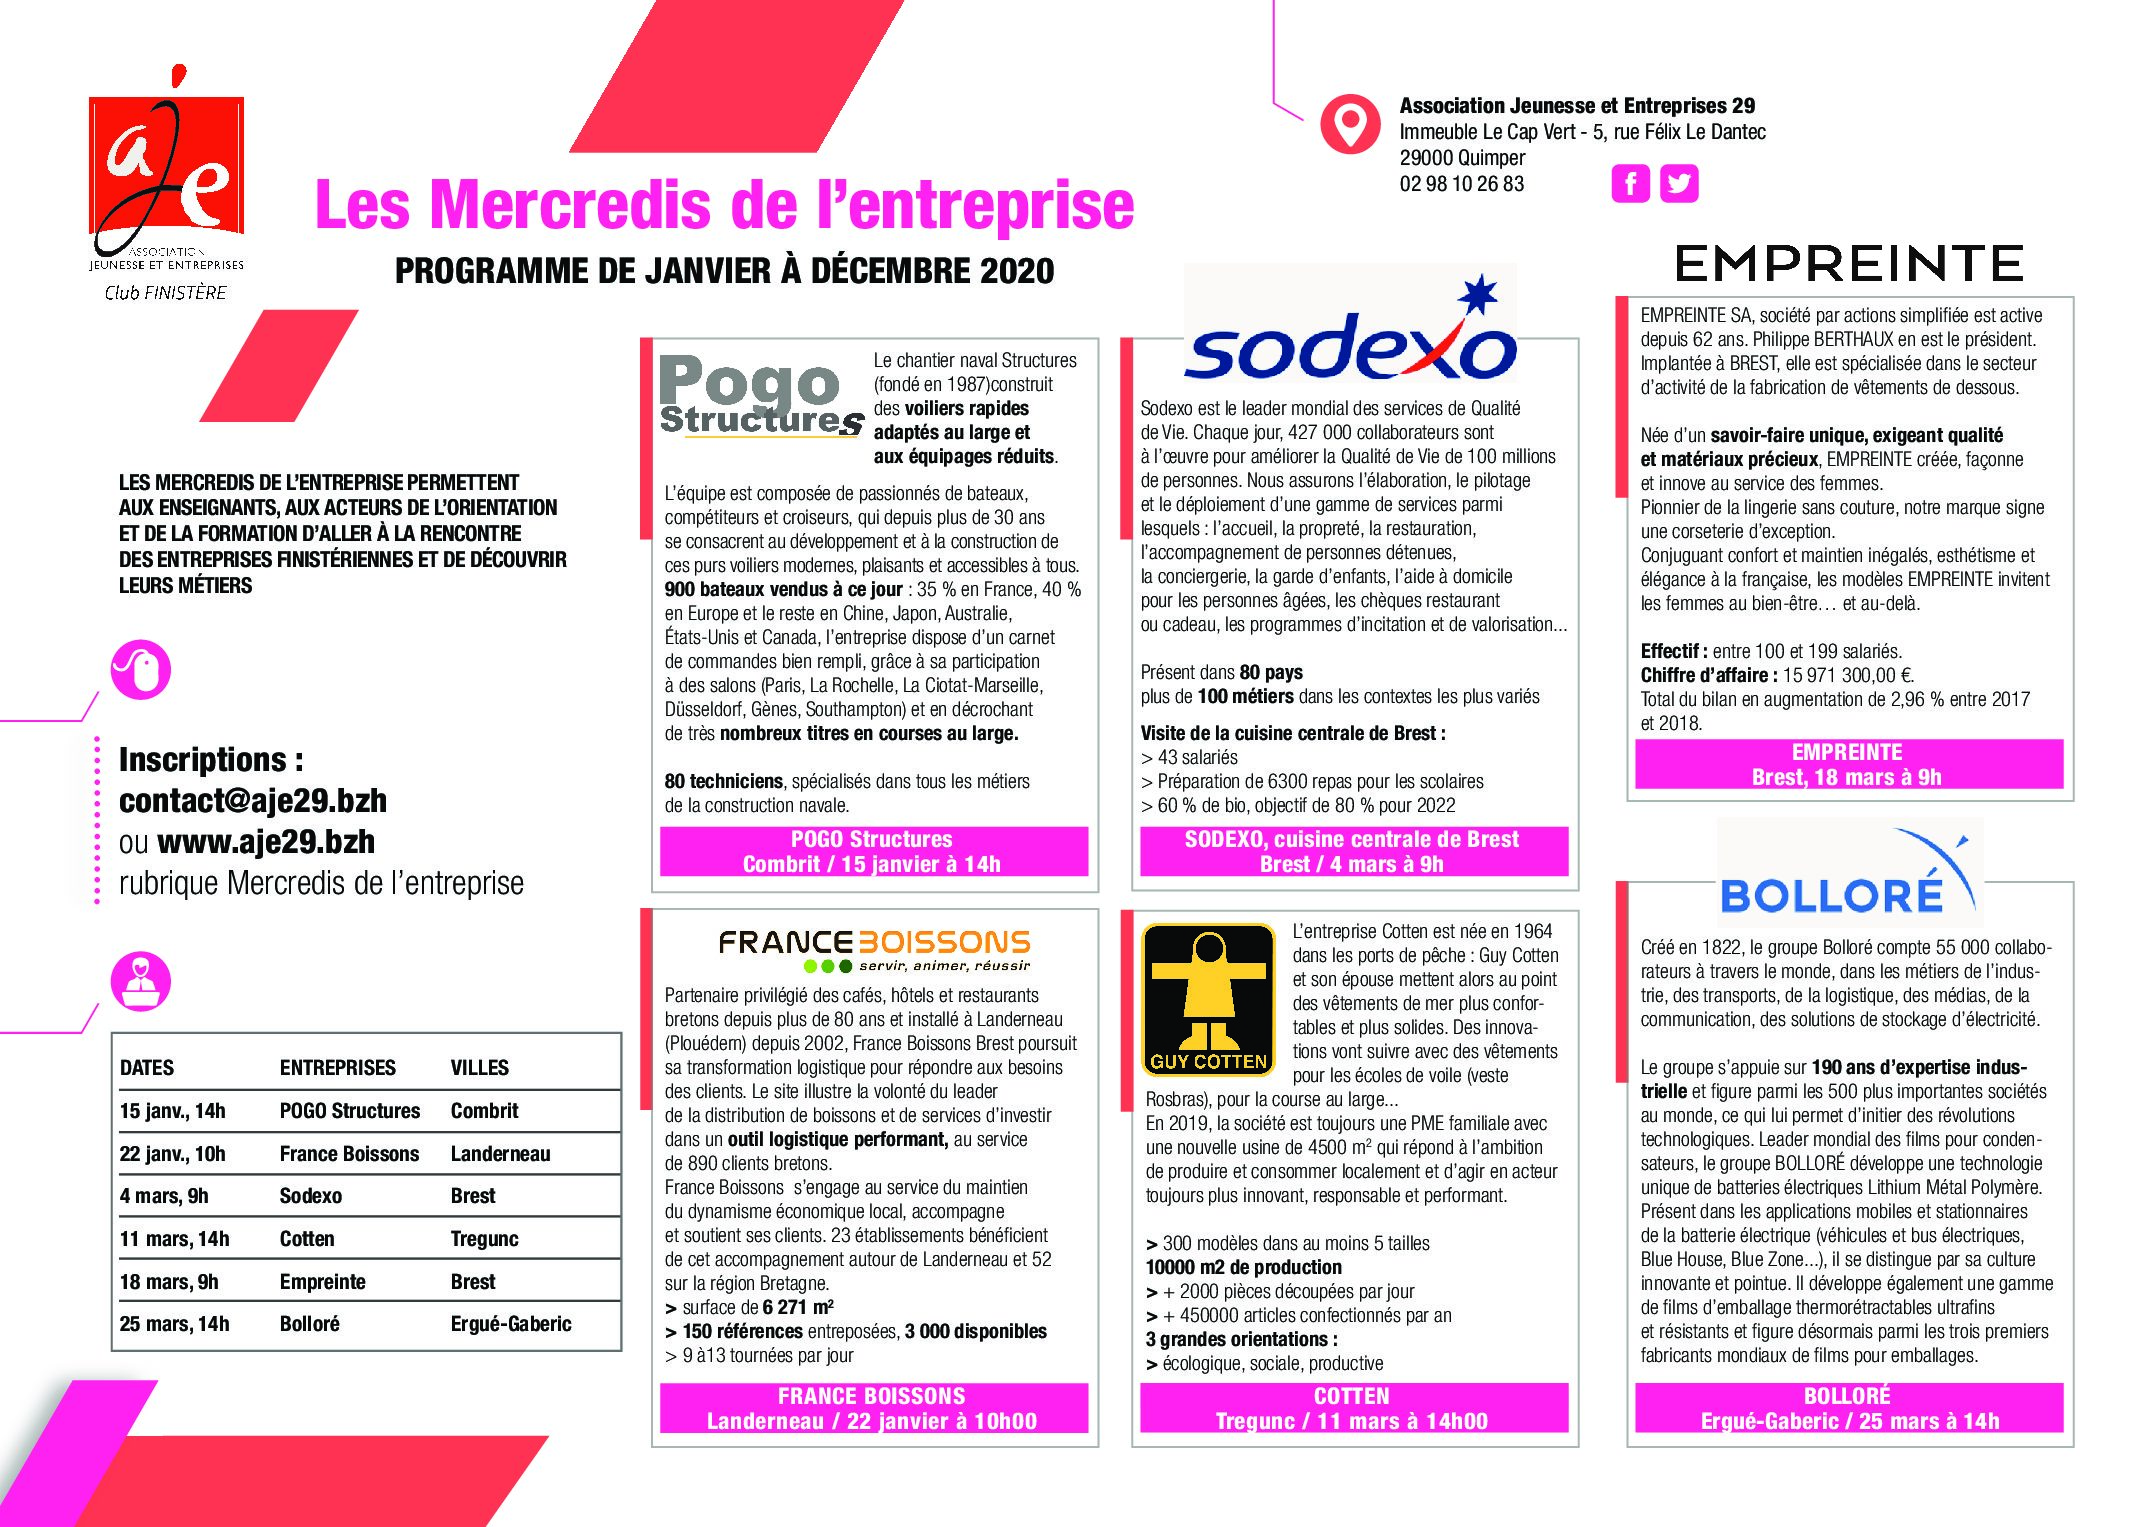 Programme 2020 des Mercredis de l'entreprise